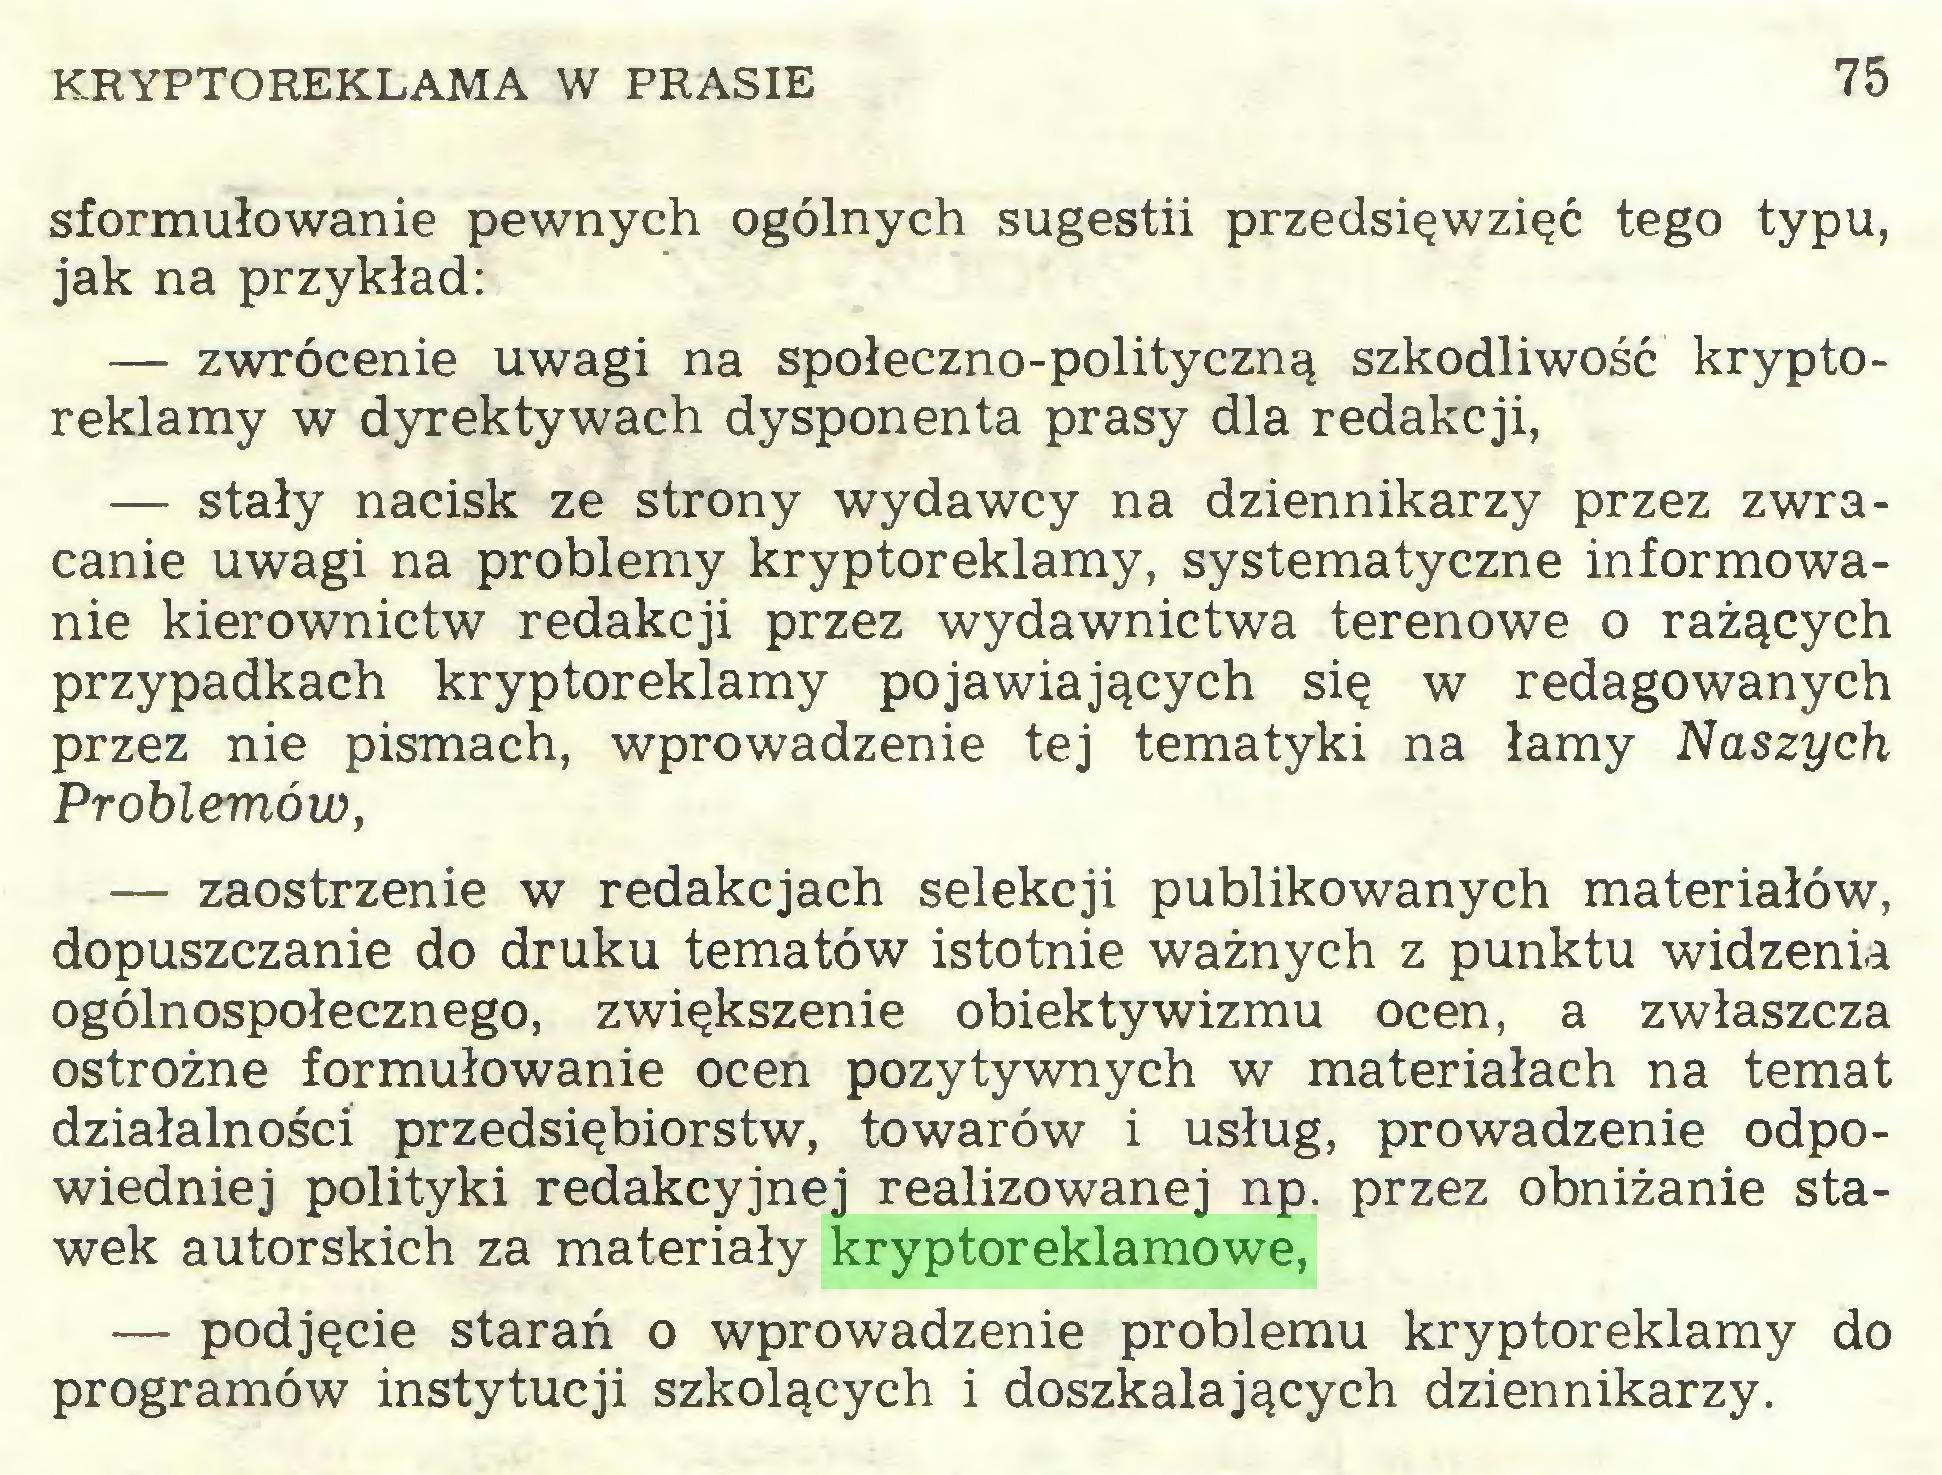 (...) KRYPTOREKLAMA W PRASIE 75 sformułowanie pewnych ogólnych sugestii przedsięwzięć tego typu, jak na przykład: — zwrócenie uwagi na społeczno-polityczną szkodliwość kryptoreklamy w dyrektywach dysponenta prasy dla redakcji, — stały nacisk ze strony wydawcy na dziennikarzy przez zwracanie uwagi na problemy kryptoreklamy, systematyczne informowanie kierownictw redakcji przez wydawnictwa terenowe o rażących przypadkach kryptoreklamy pojawiających się w redagowanych przez nie pismach, wprowadzenie tej tematyki na łamy Naszych Problemów, — zaostrzenie w redakcjach selekcji publikowanych materiałów, dopuszczanie do druku tematów istotnie ważnych z punktu widzenia ogólnospołecznego, zwiększenie obiektywizmu ocen, a zwłaszcza ostrożne formułowanie ocen pozytywnych w materiałach na temat działalności przedsiębiorstw, towarów i usług, prowadzenie odpowiedniej polityki redakcyjnej realizowanej np. przez obniżanie stawek autorskich za materiały kryptoreklamowe, — podjęcie starań o wprowadzenie problemu kryptoreklamy do programów instytucji szkolących i doszkalających dziennikarzy...